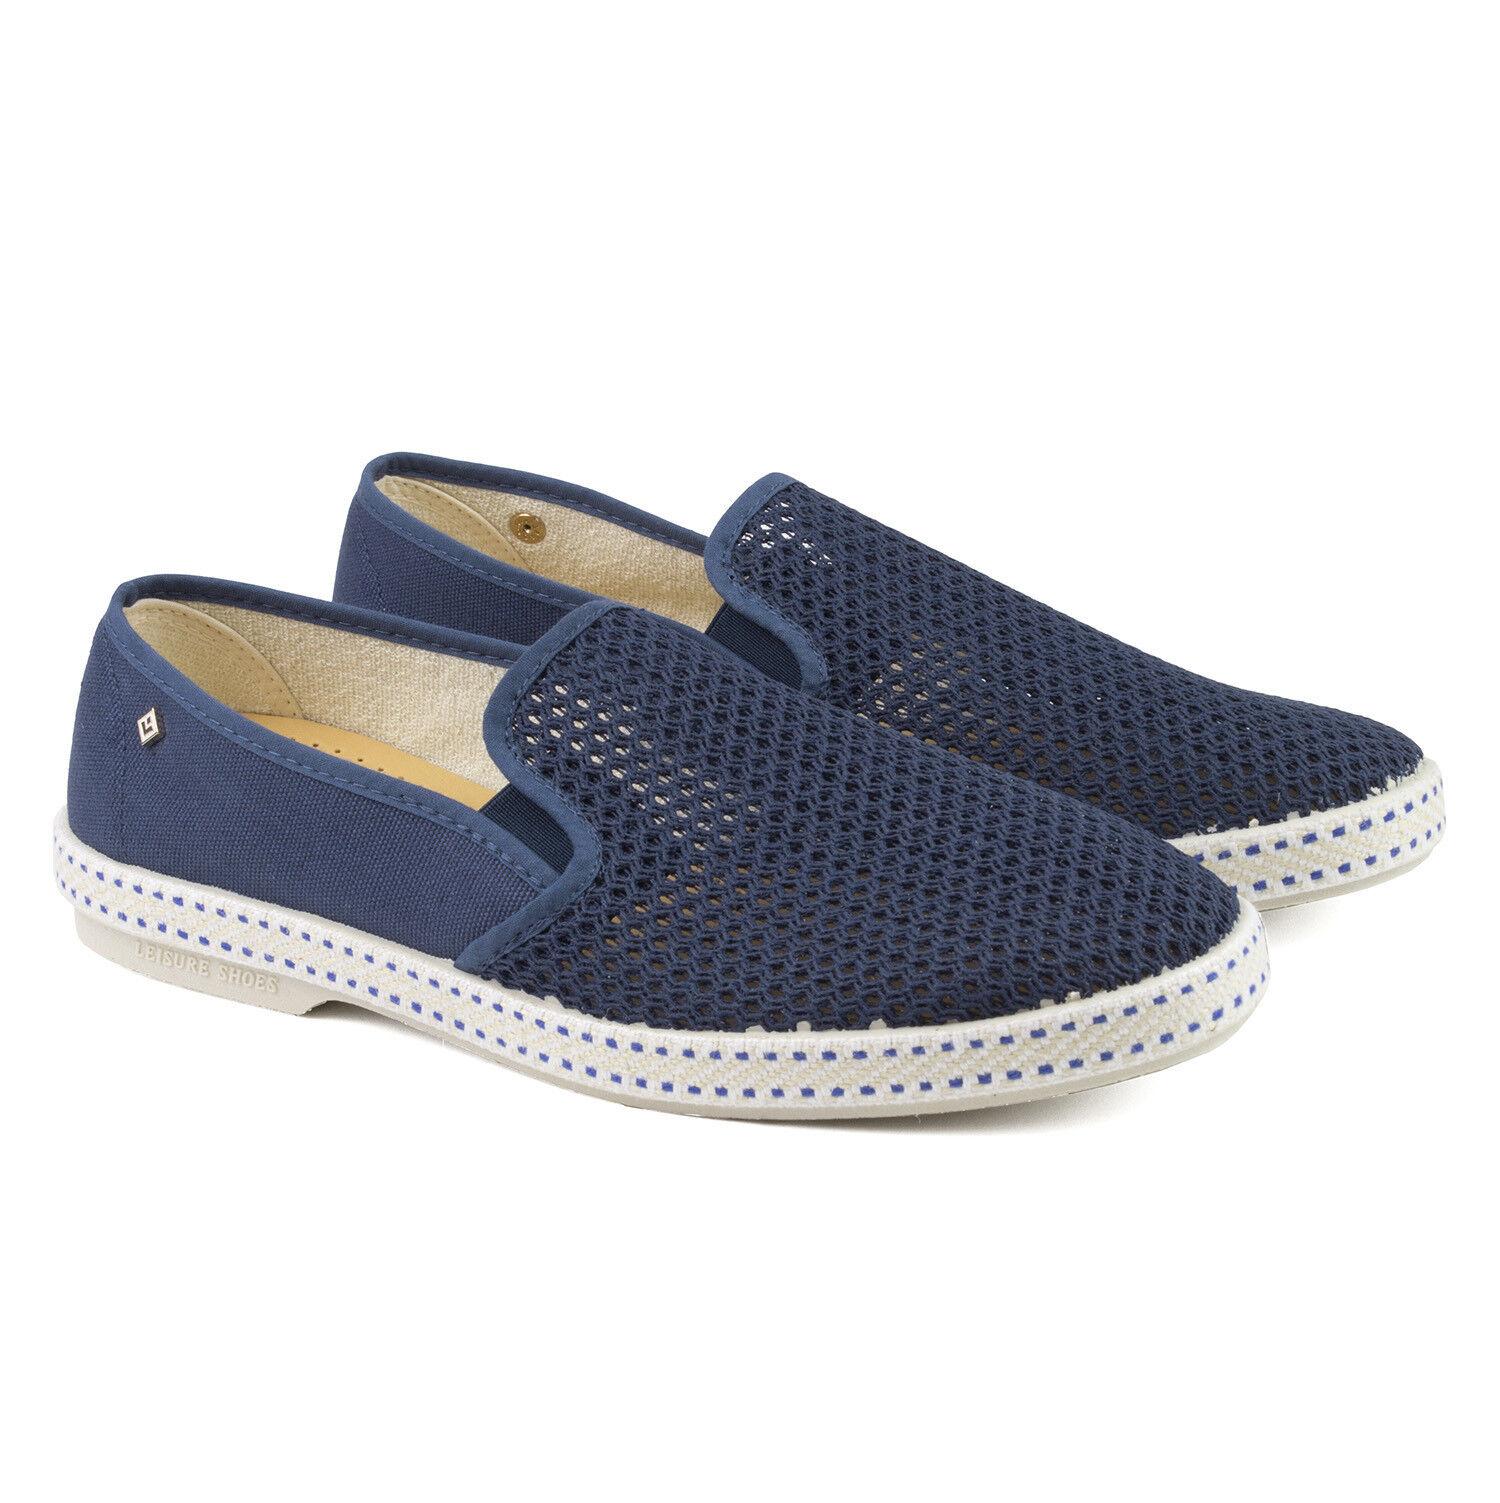 RIVIERAS Classic 20° blue De Travail bluee Slip On Espadrilles shoes RRP